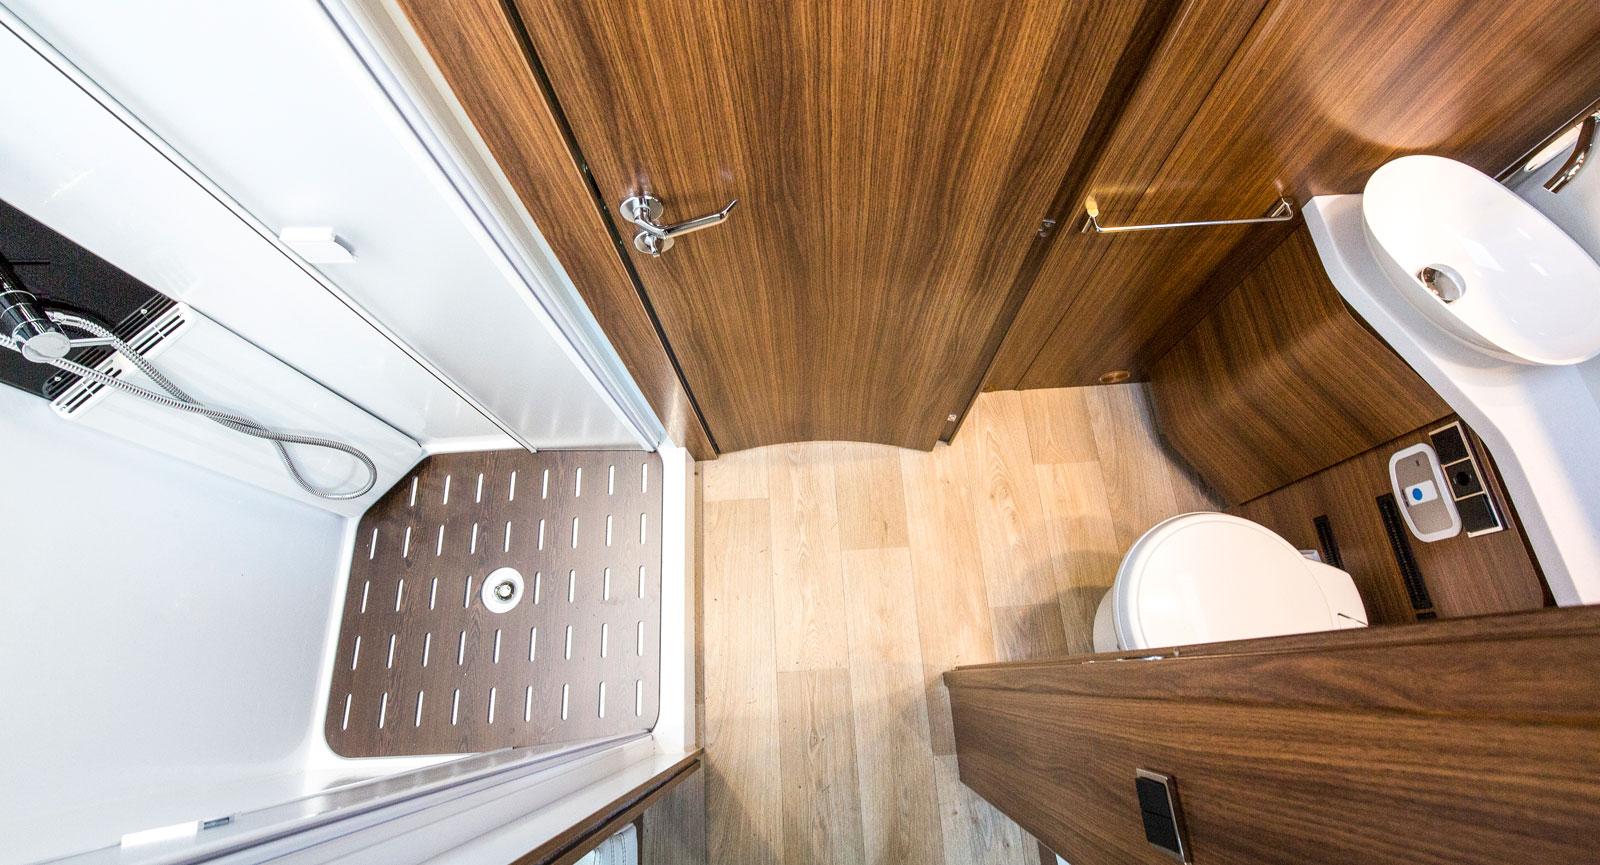 Här ses de två separata badrumsdelarna med dörren stängd mot mittgången.